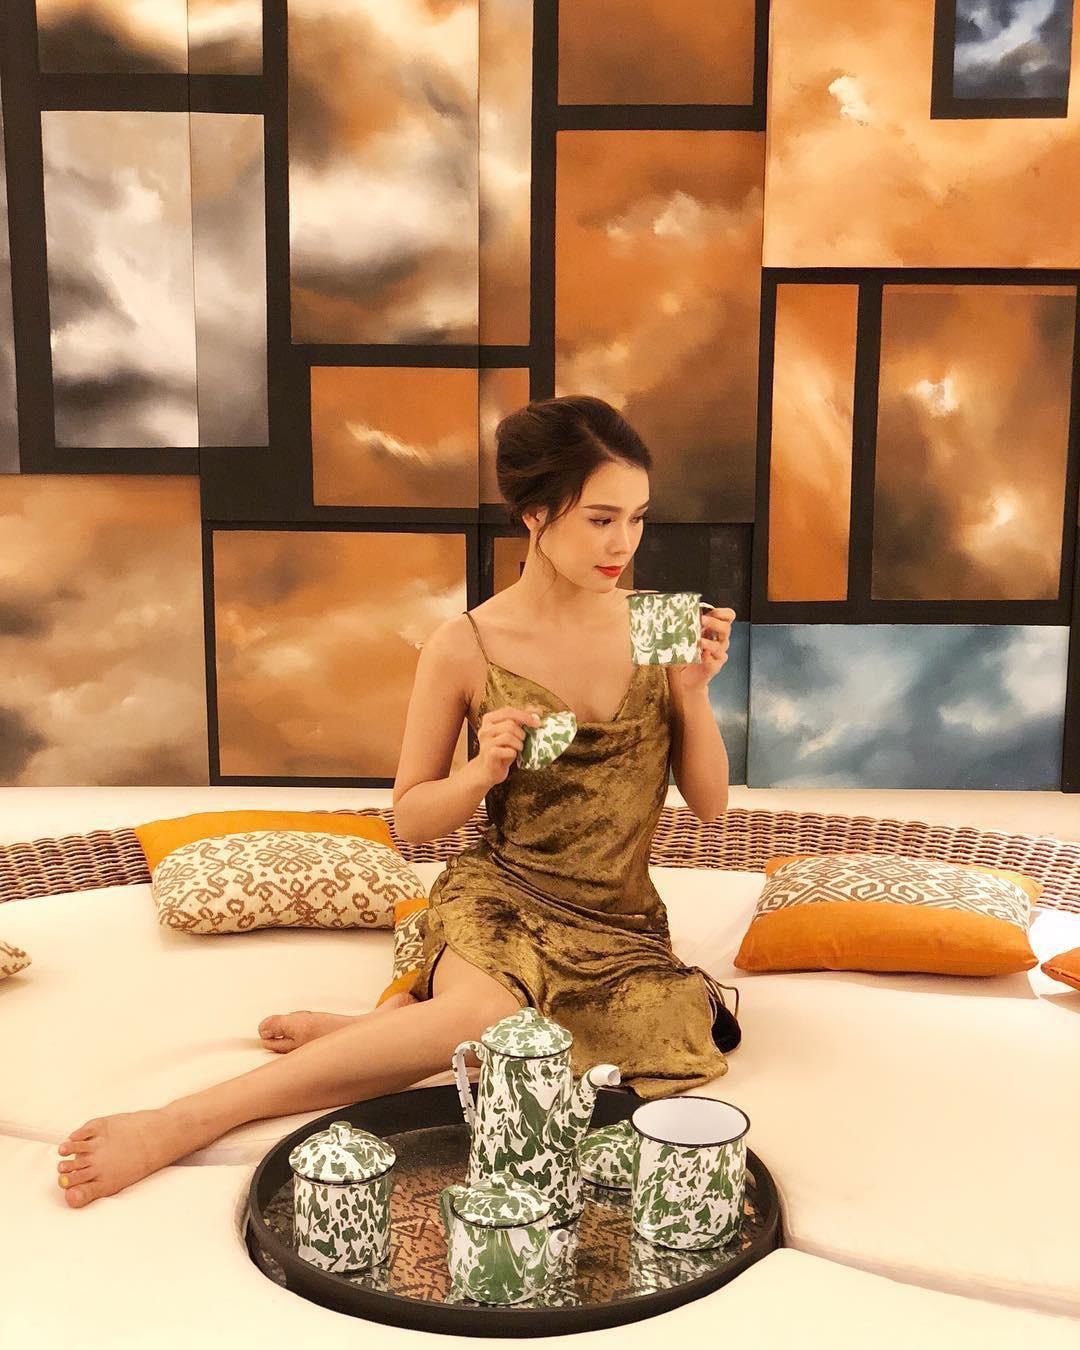 Gợi ý từ nàng Sam siêu 'nghiện' váy: 5 thiết kế sẽ đưa các cô nàng từ thái cực trẻ trung hack tuổi đến sang chảnh - Ảnh 2